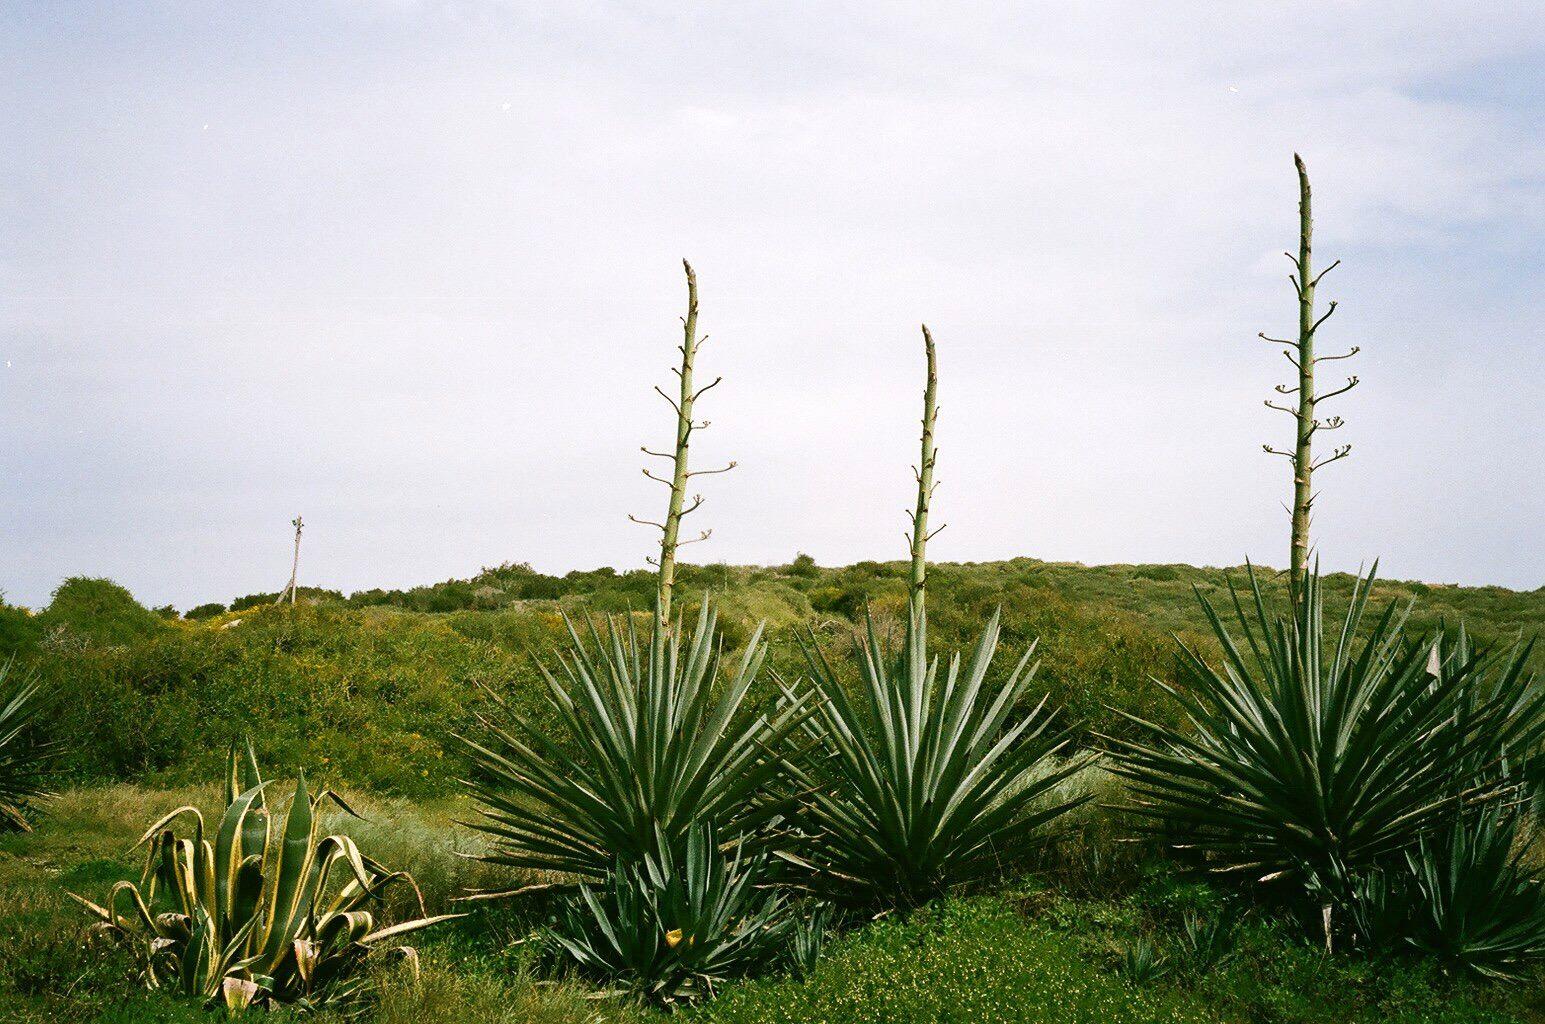 דויד סקורי - צילום צמח הגברא בחוף פלמחים